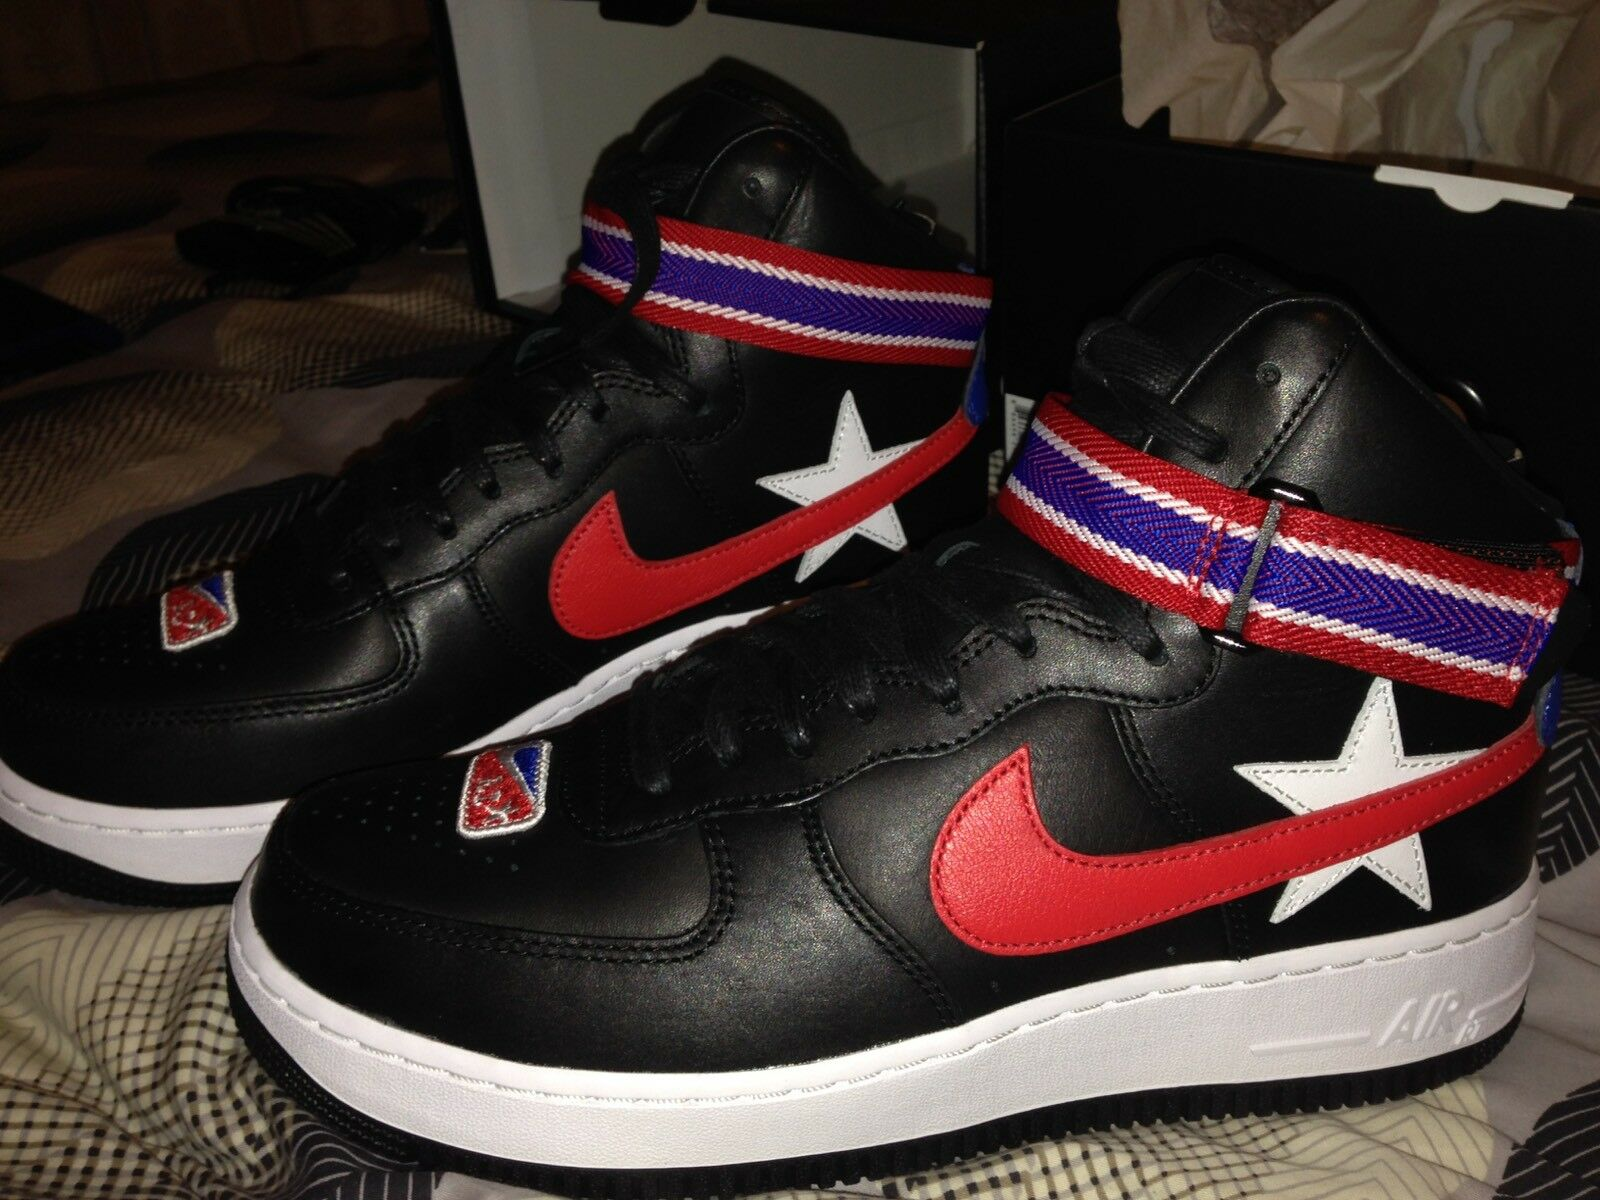 Nikelab Air Riccardo Force 1 High X Rt Riccardo Air Tisci Men's Shoe Size 8 Rare!!!! 81a6bf